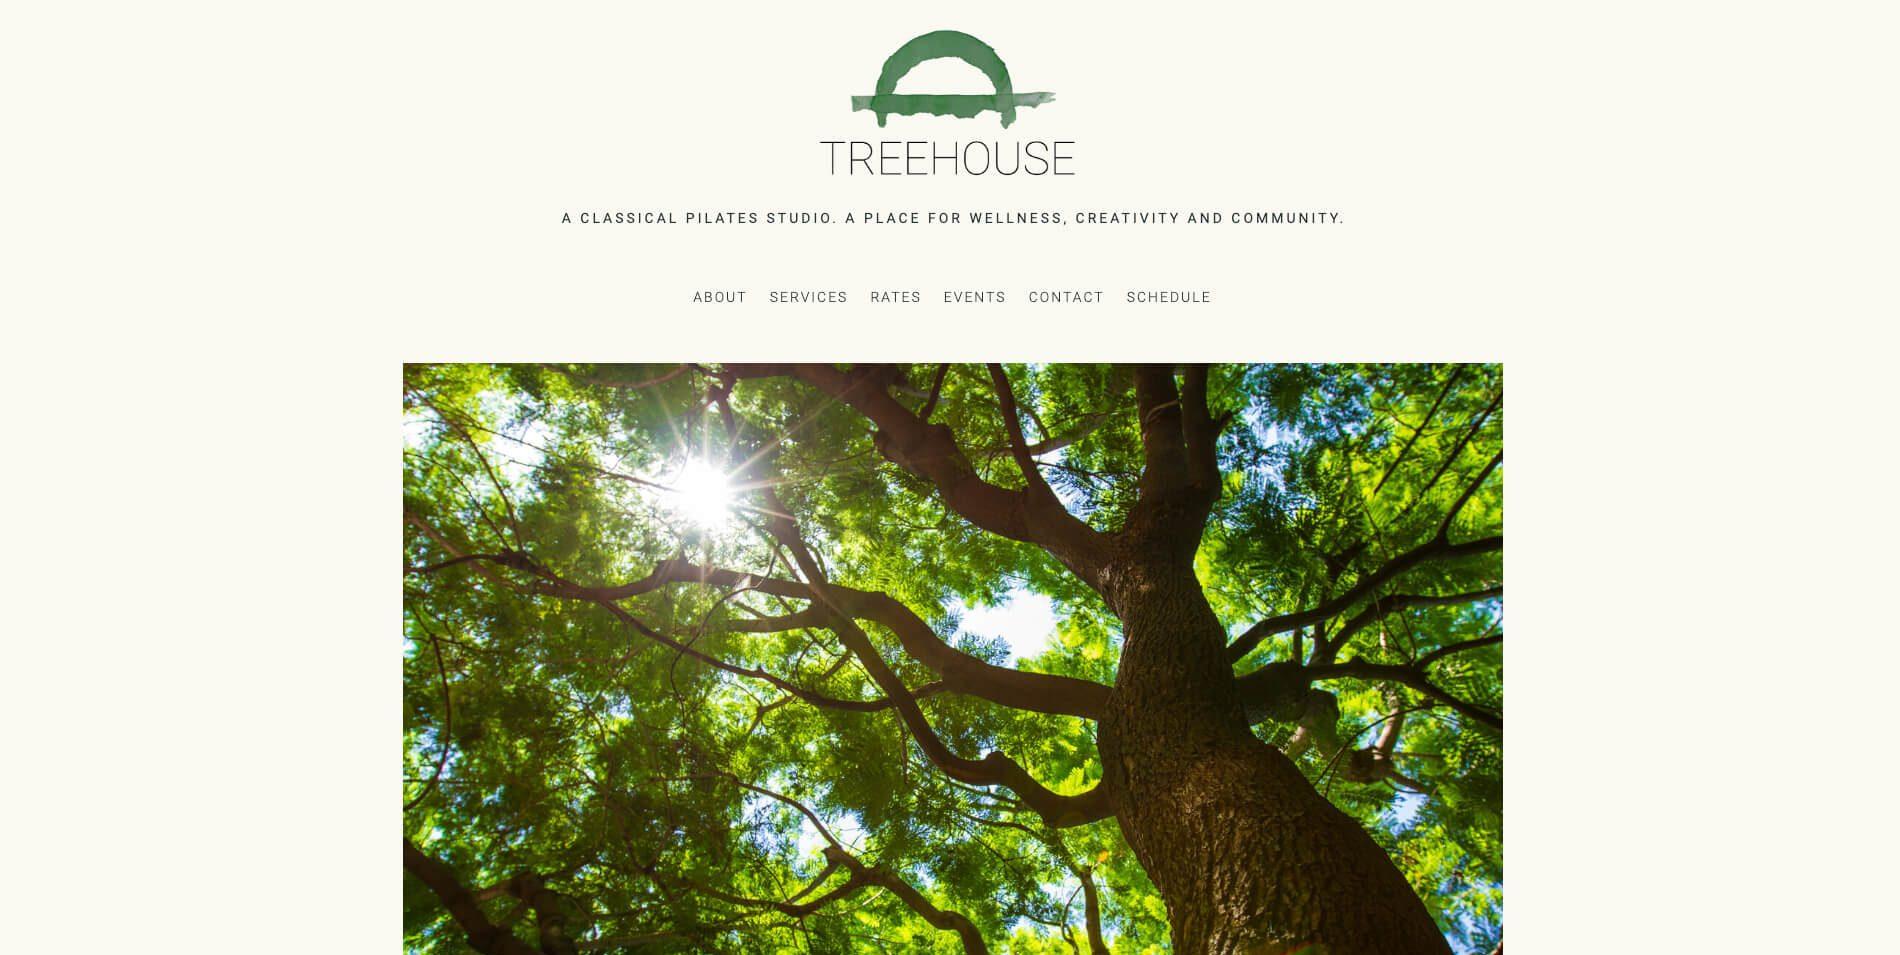 treehouse-new-tree-e1568748134965.jpg